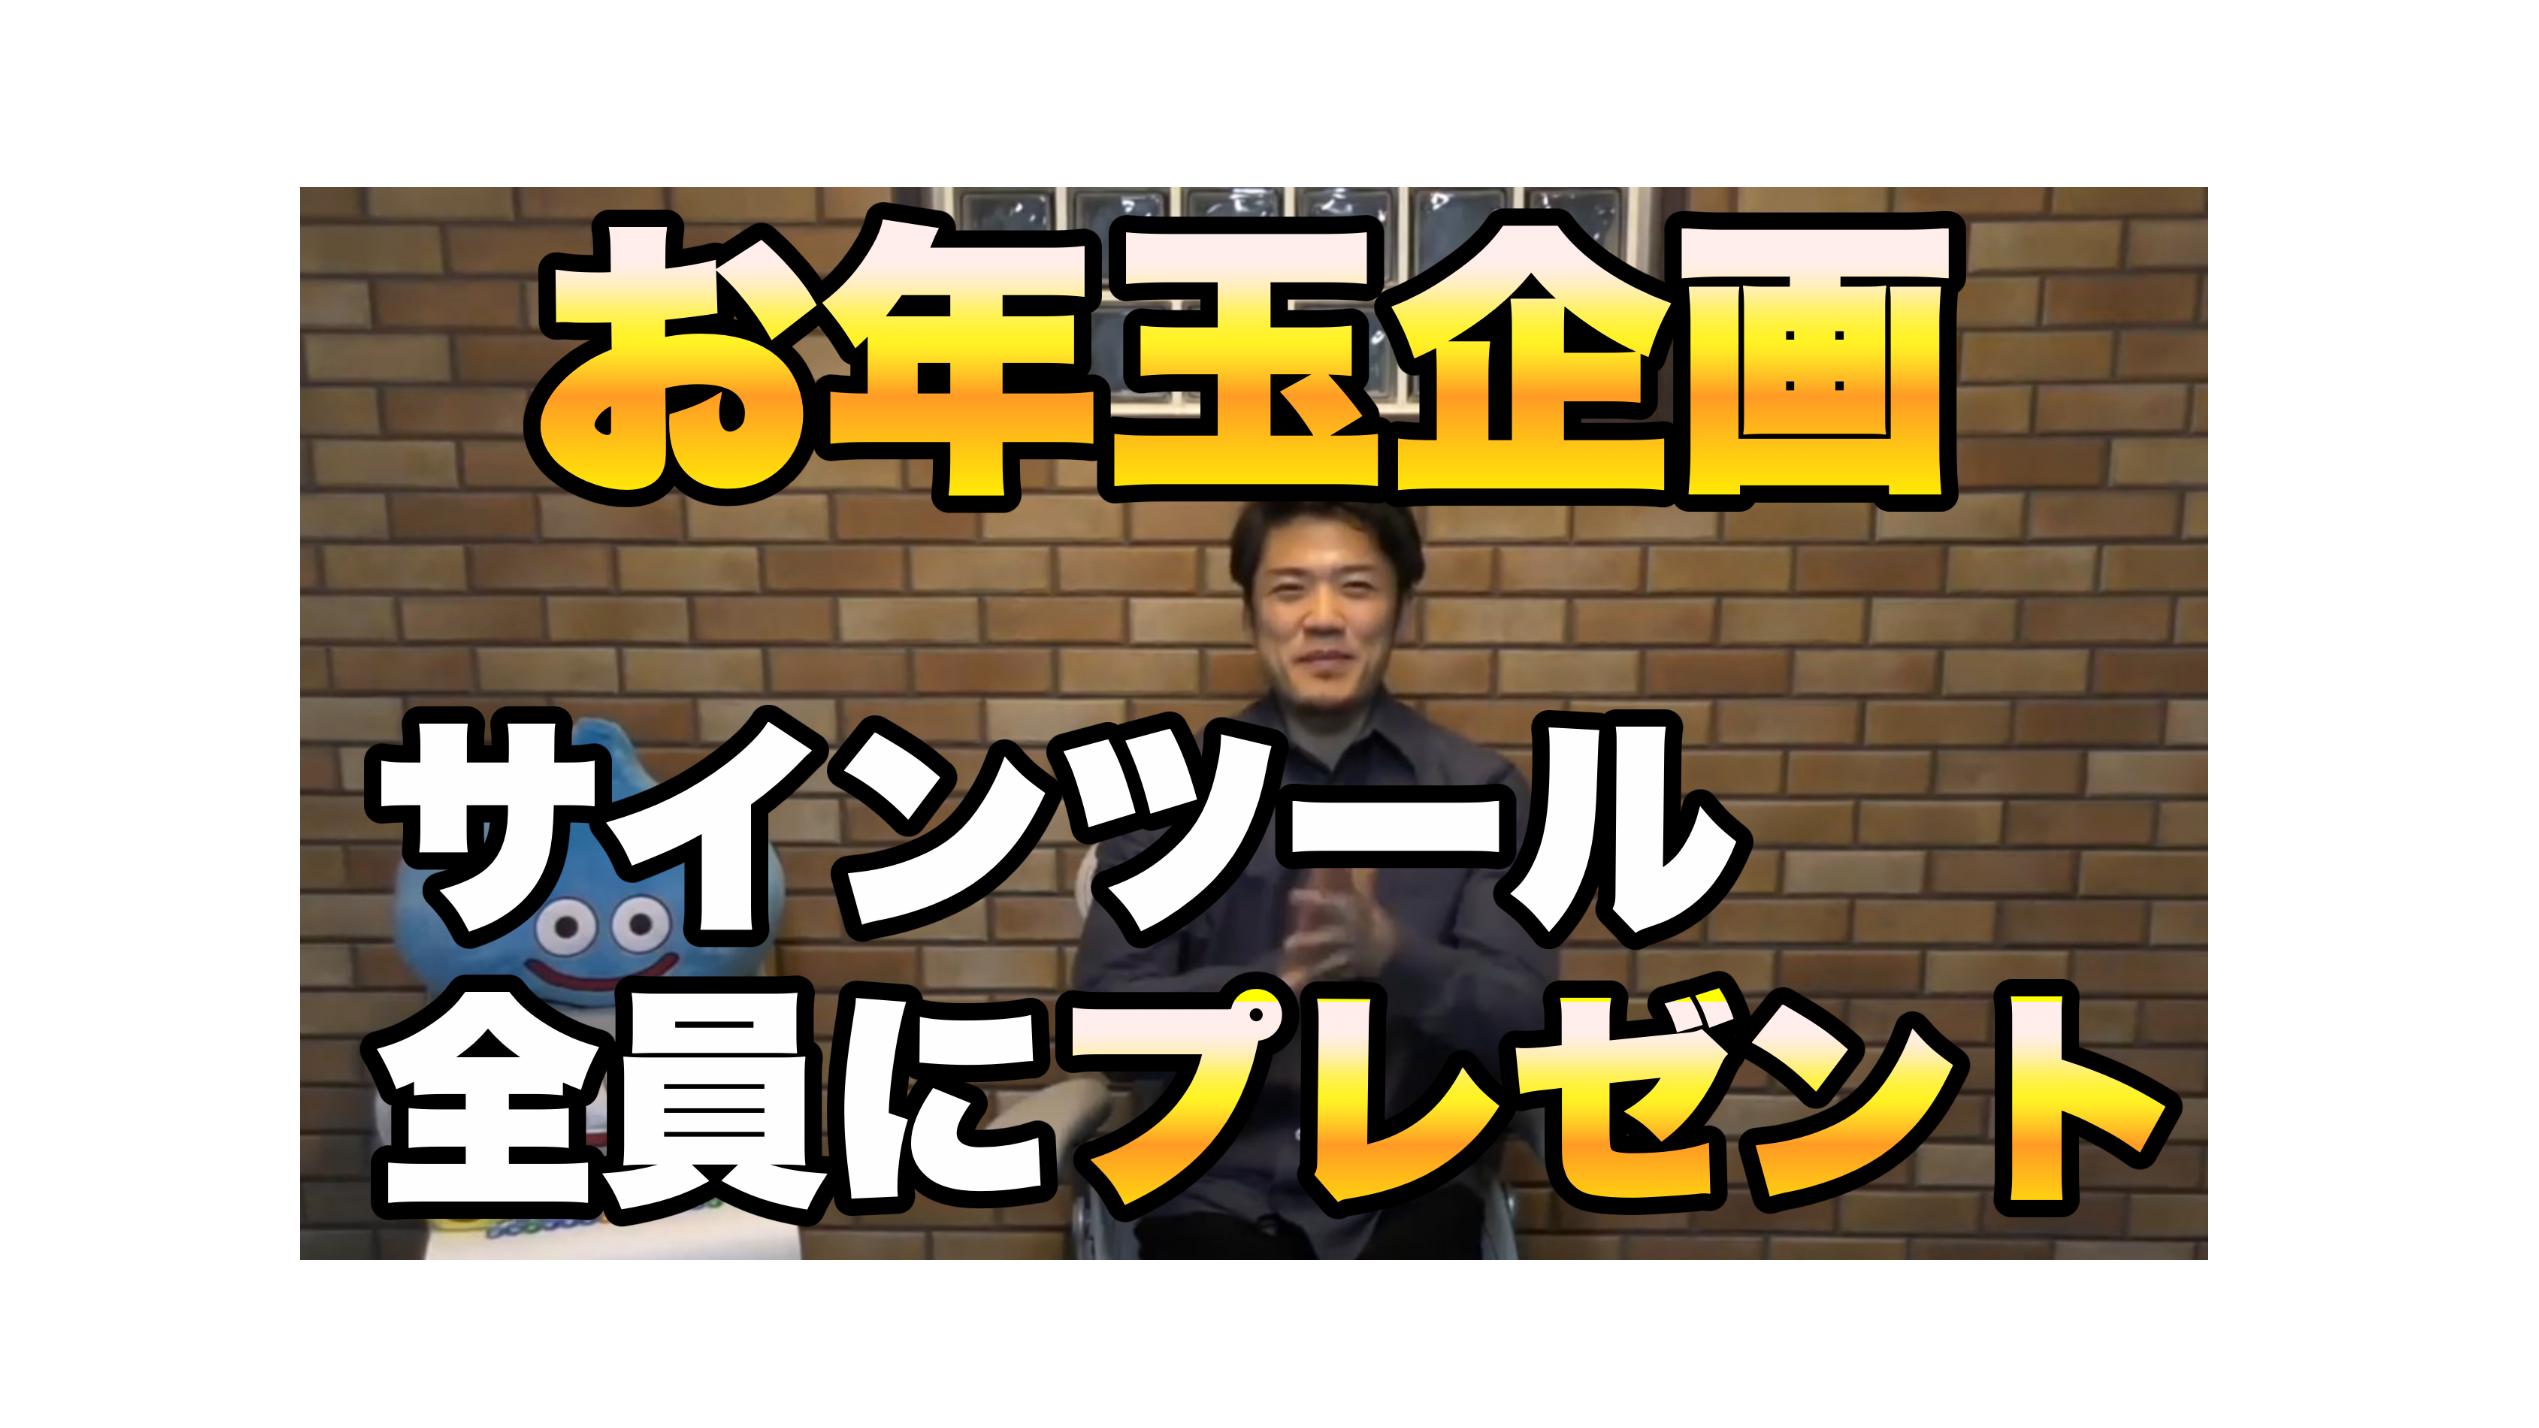 億トレーダーが作ったサインツール【オーリーアイランド3】の内容と詳細を公開!